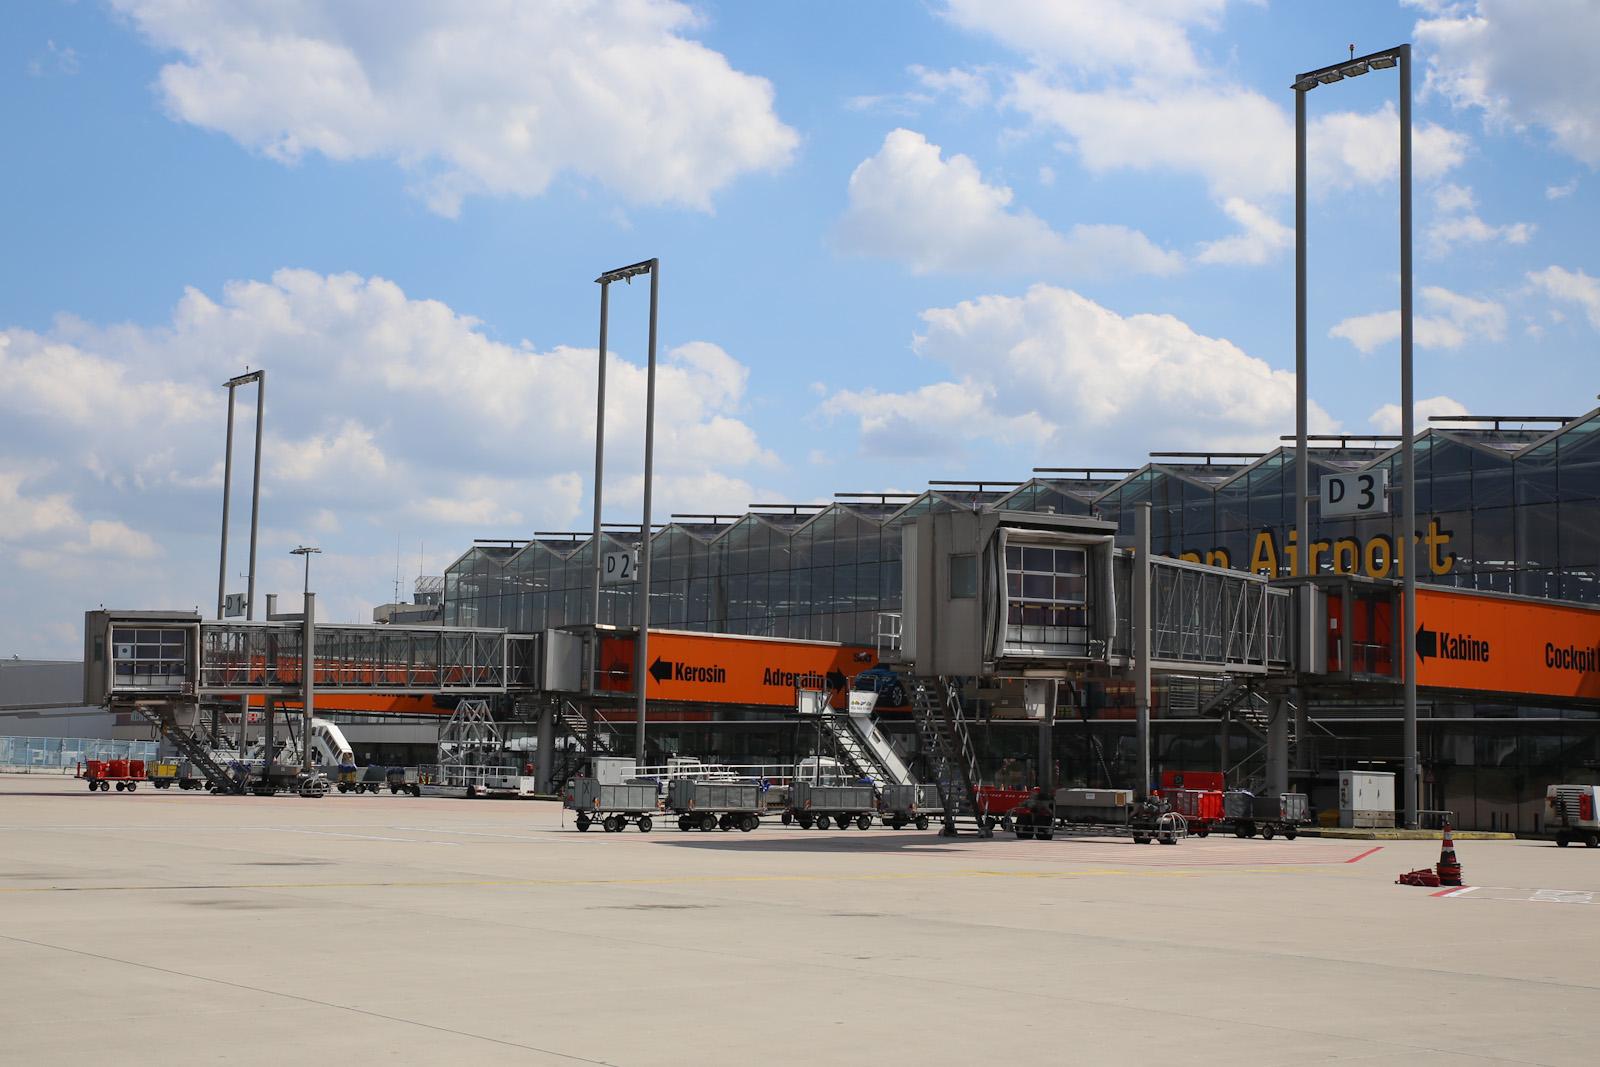 Телетрапы терминала 2 аэропорта Кёльн/Бонн